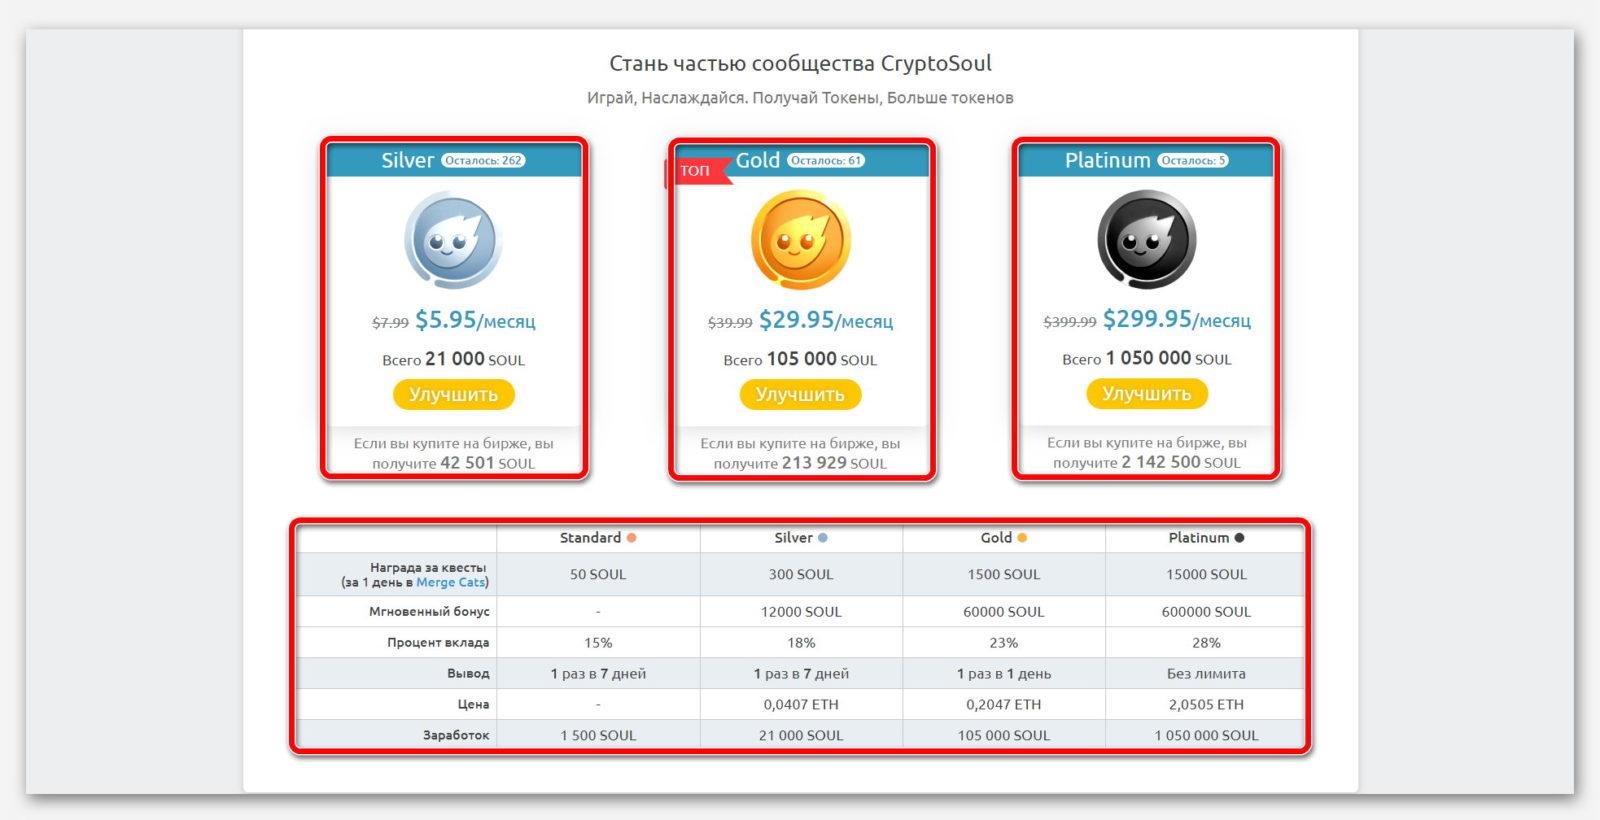 Статусы, на сайте CryptoSoul